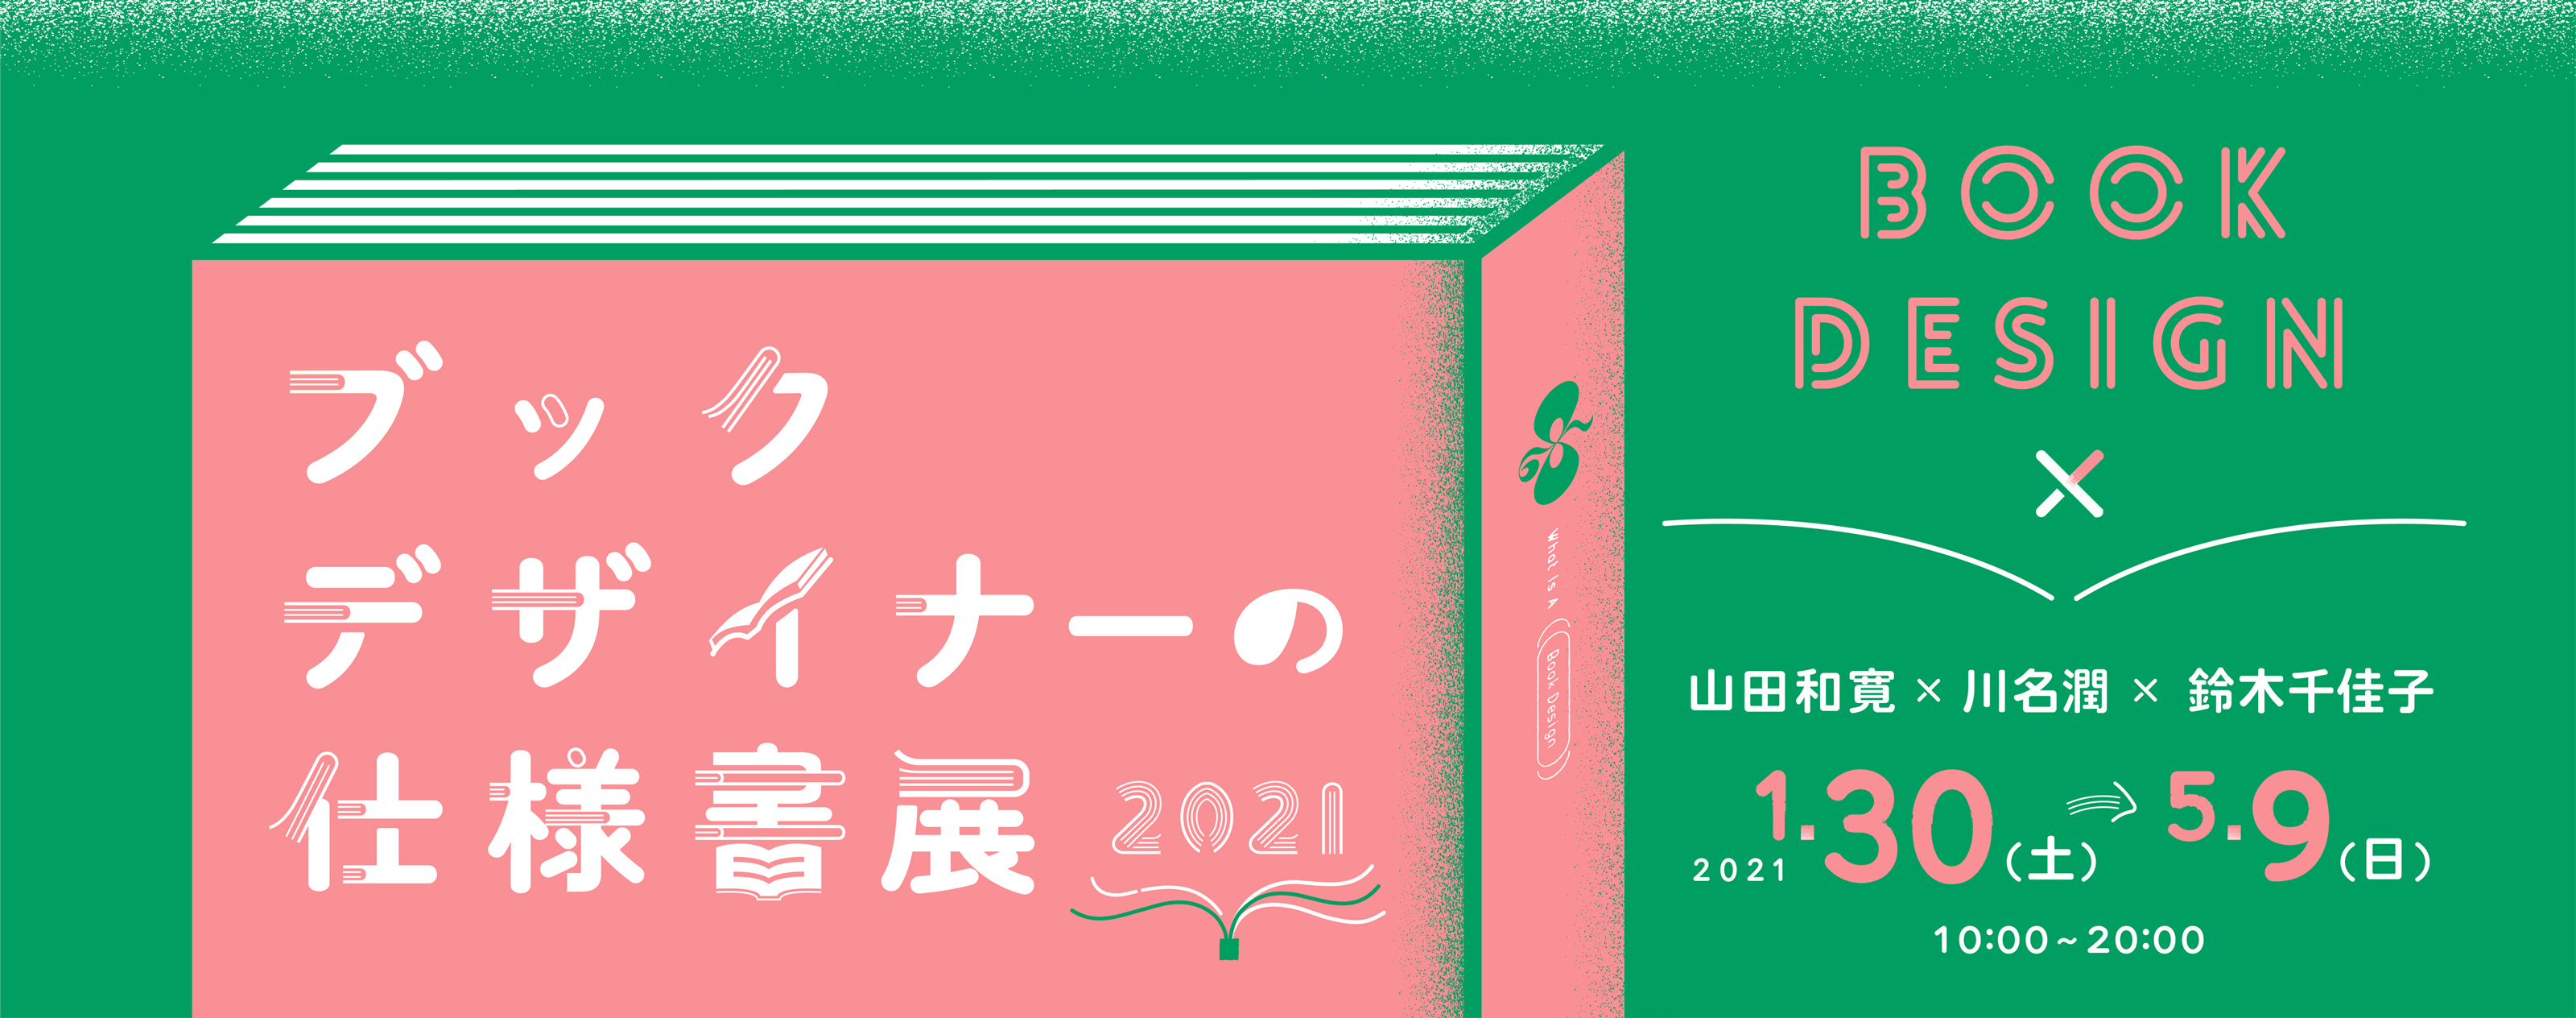 ブックデザイナーの仕様書展